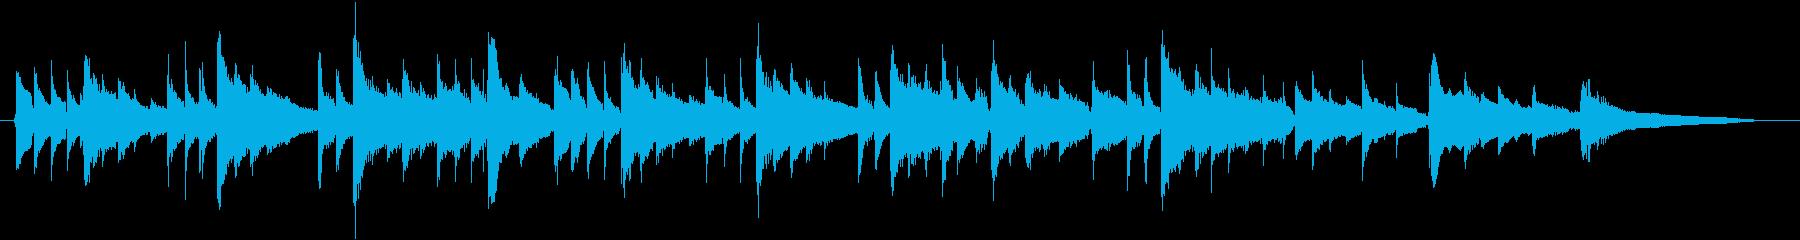 静かなアコースティックギターBGMの再生済みの波形